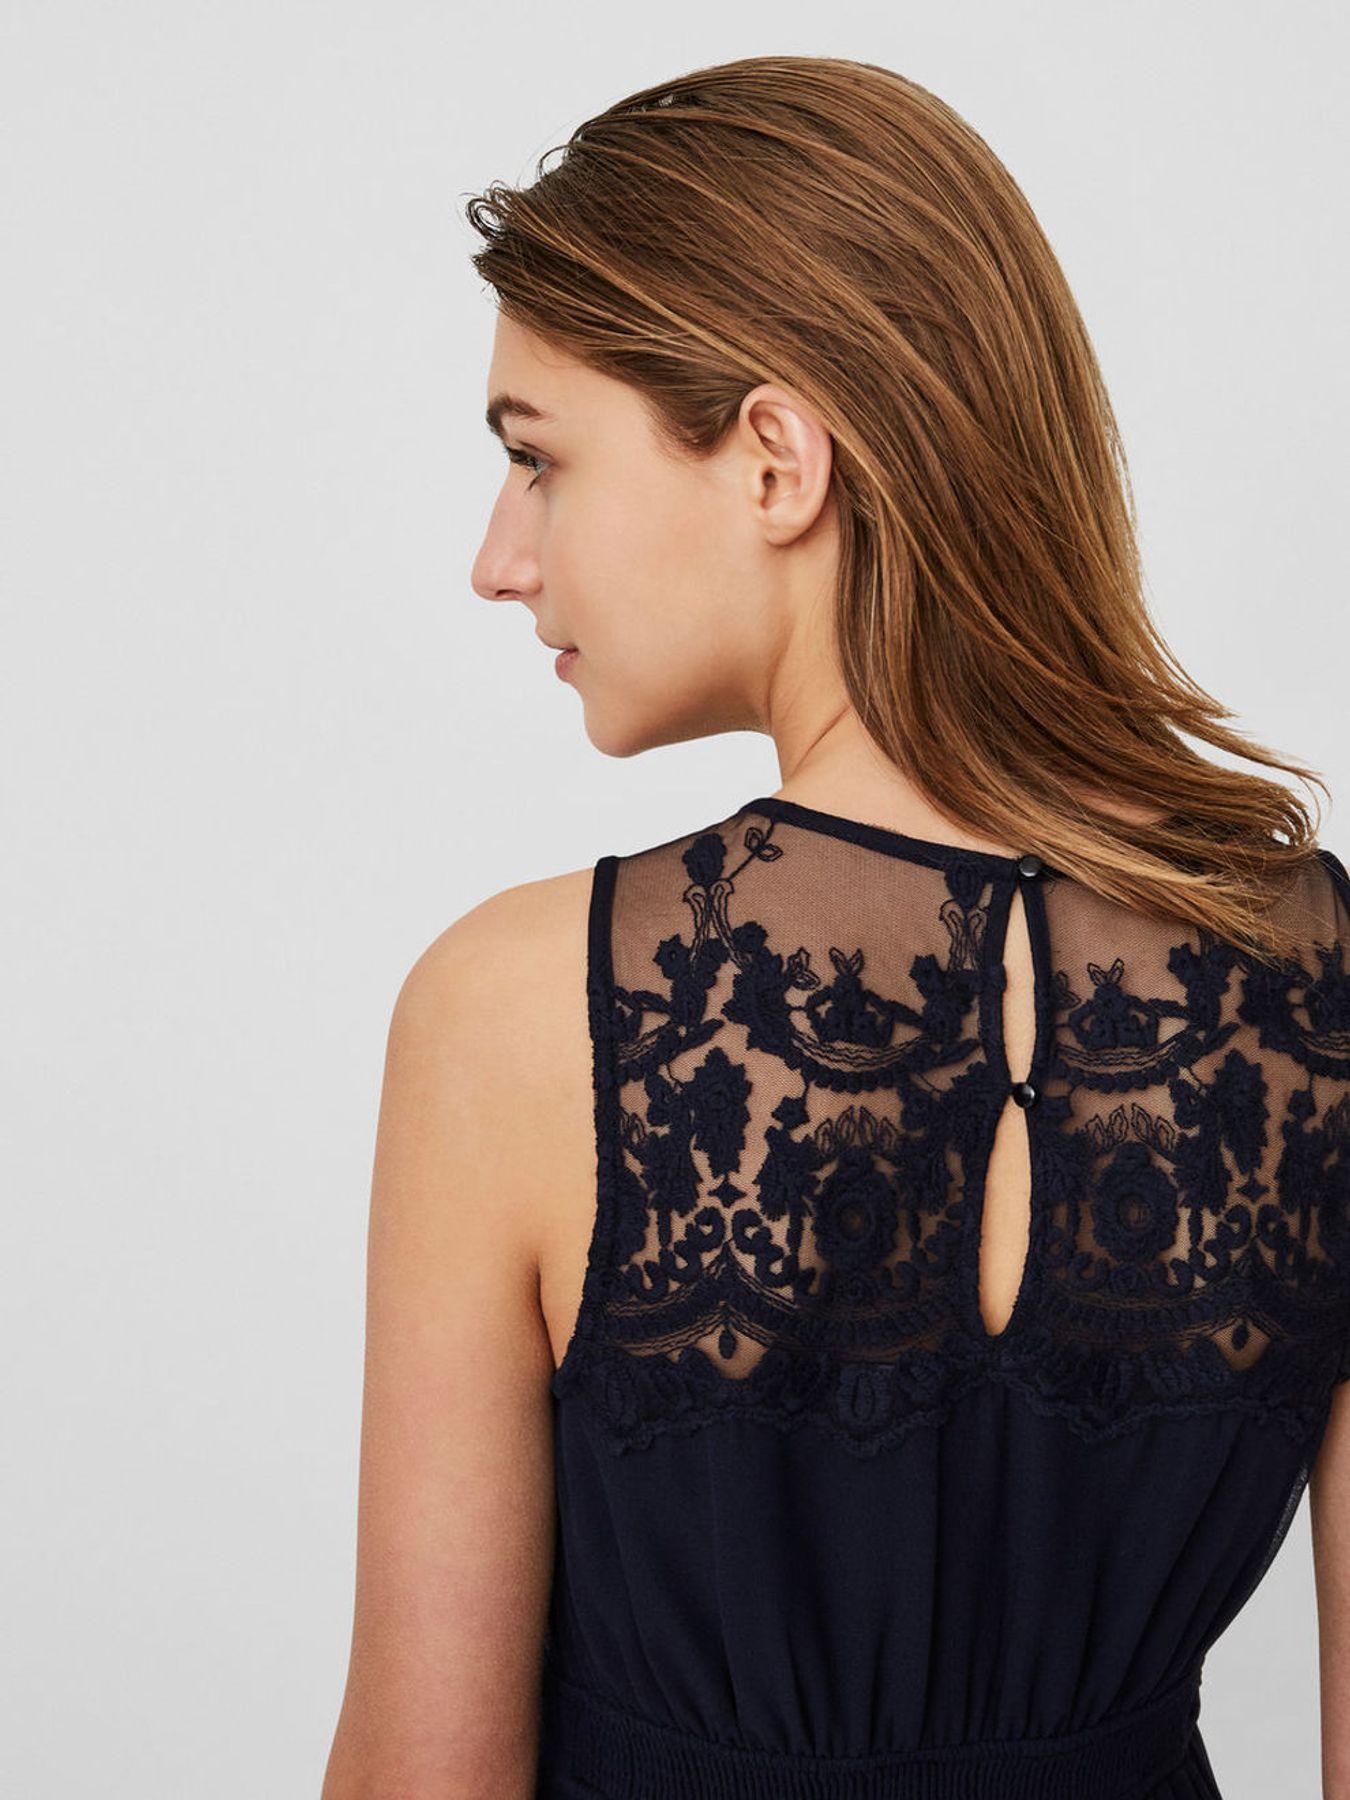 Konfirmations Kleid - VERO MODA - Damen Spitzen Kleid ohne Ärmel in rose oder blau (10193196) – Bild 11